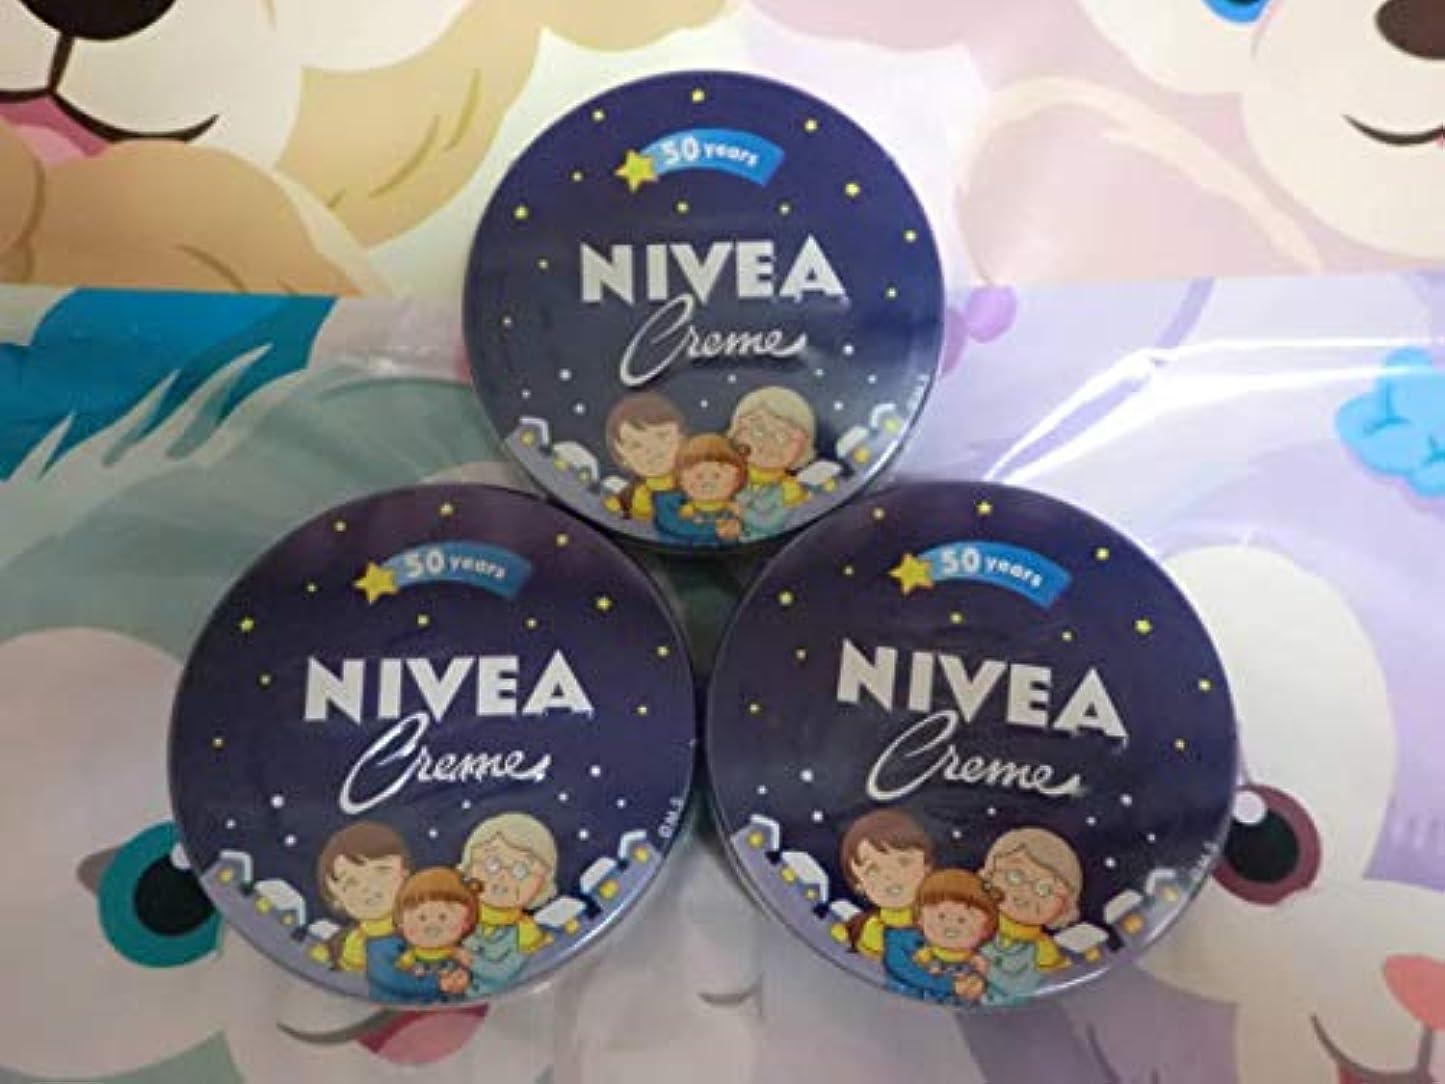 箱めんどり同情的花王 NIVEA 二べア 缶169g×3缶 さくらももこデザイン 50years ちびまるこ 二べアクリーム 二べアスキンケアクリーム ハンドクリーム anime キャラクター グッズ